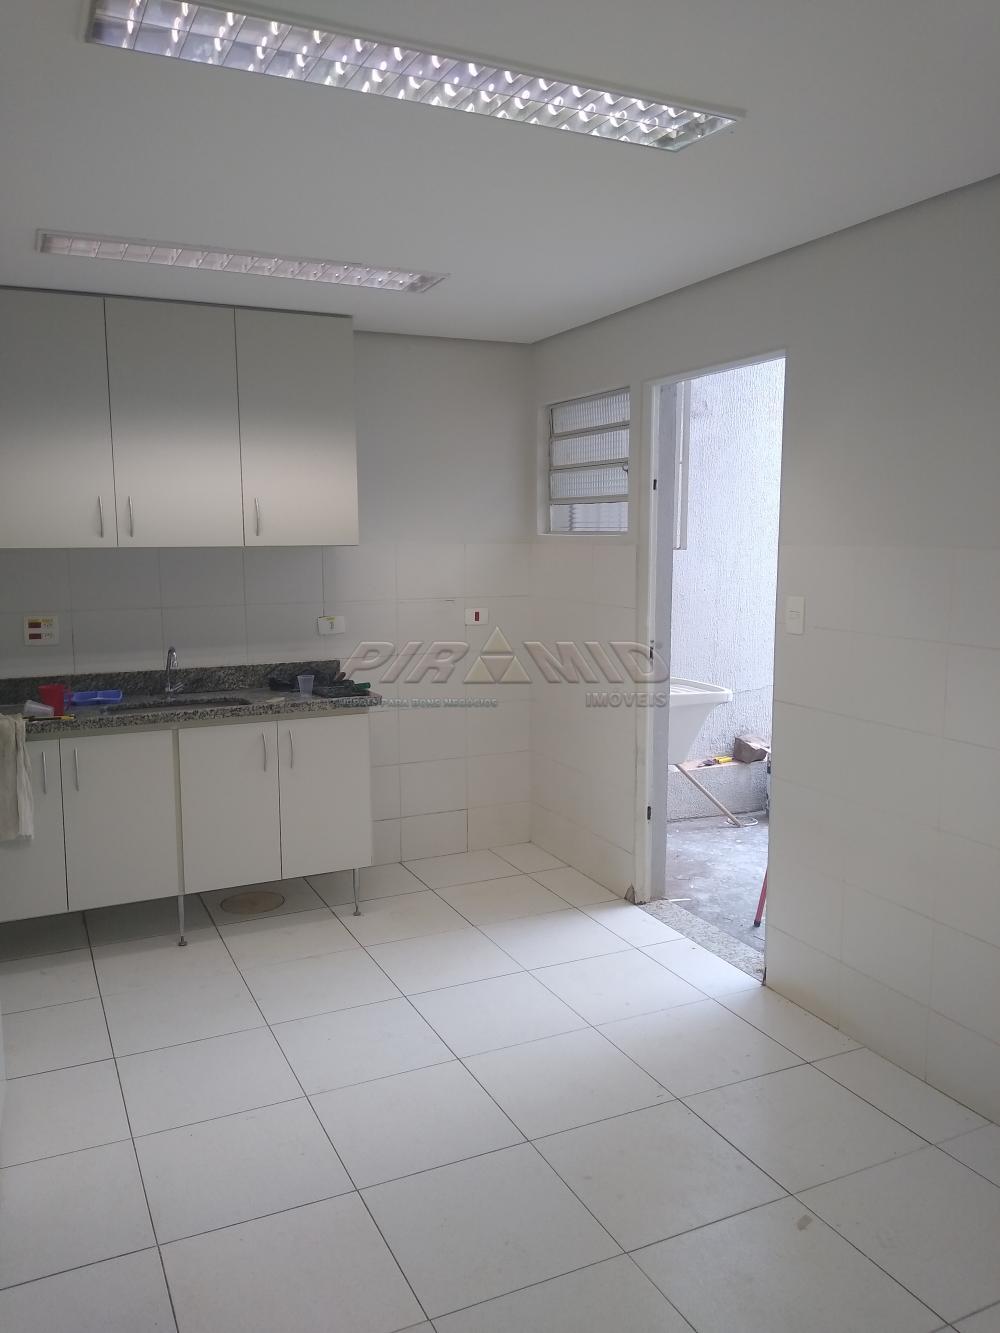 Alugar Comercial / Prédio em Ribeirão Preto apenas R$ 16.000,00 - Foto 60